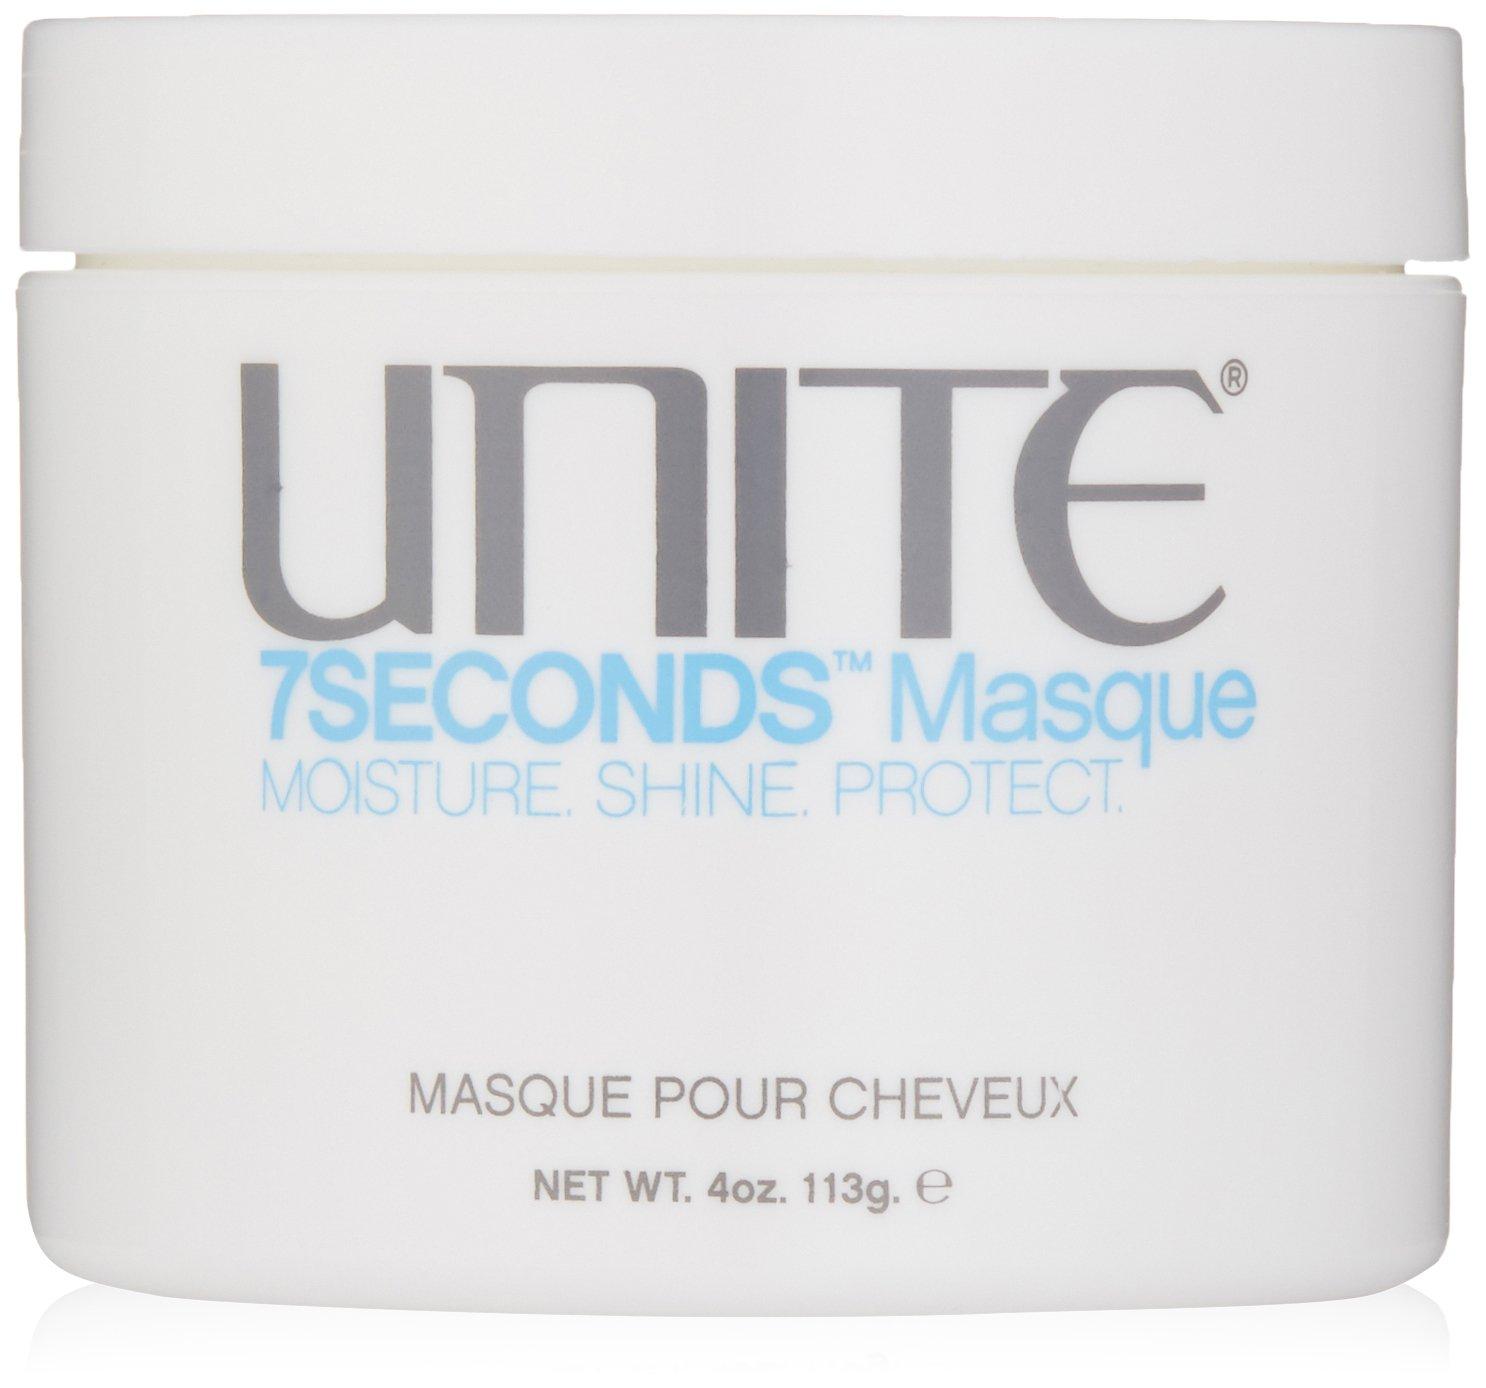 UNITE Hair 7 Seconds Masque, 4 Oz